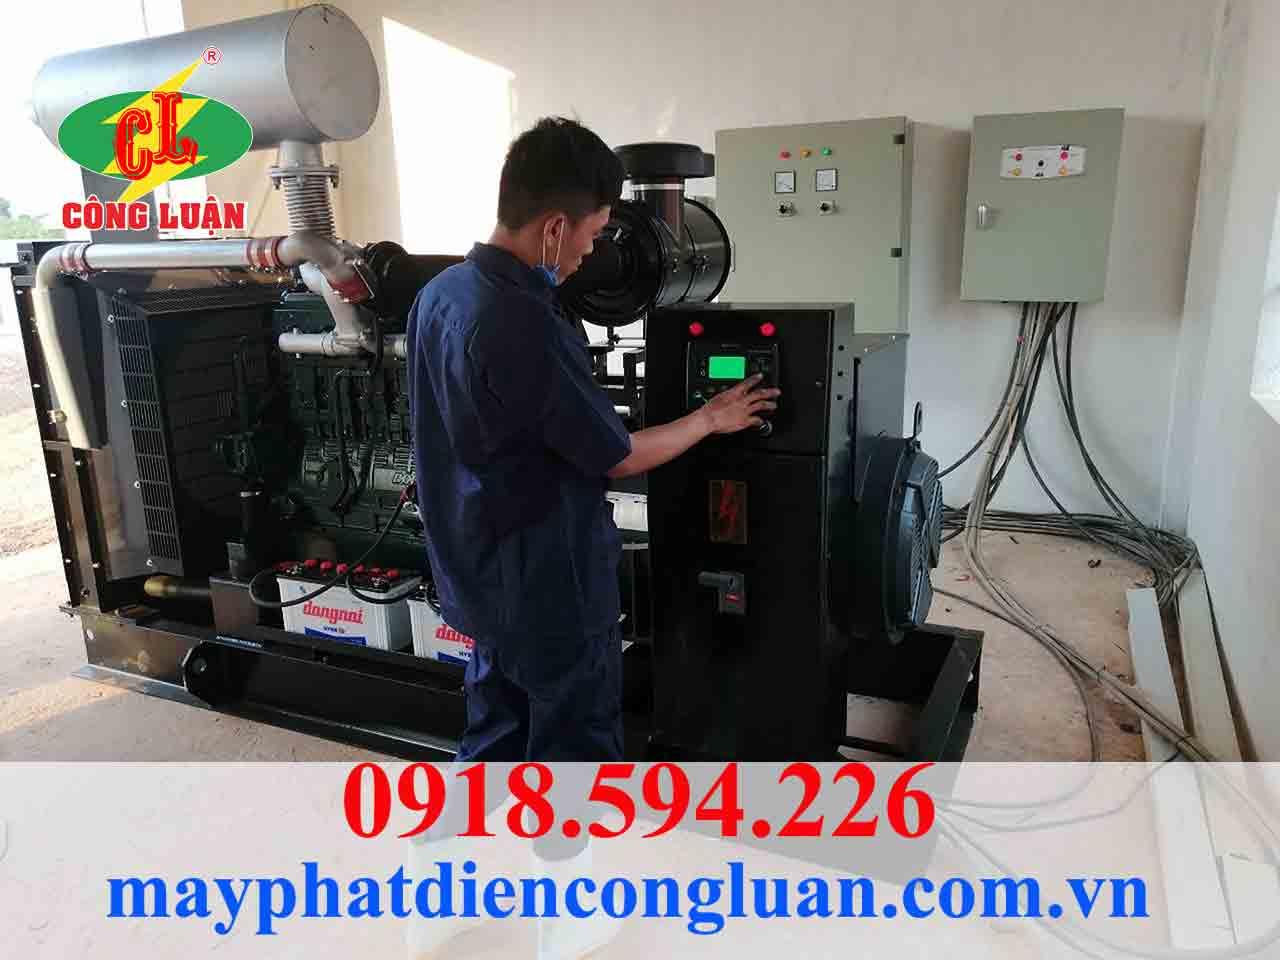 Đơn vị chuyên sửa chữa máy phát điện chuyên nghiệp